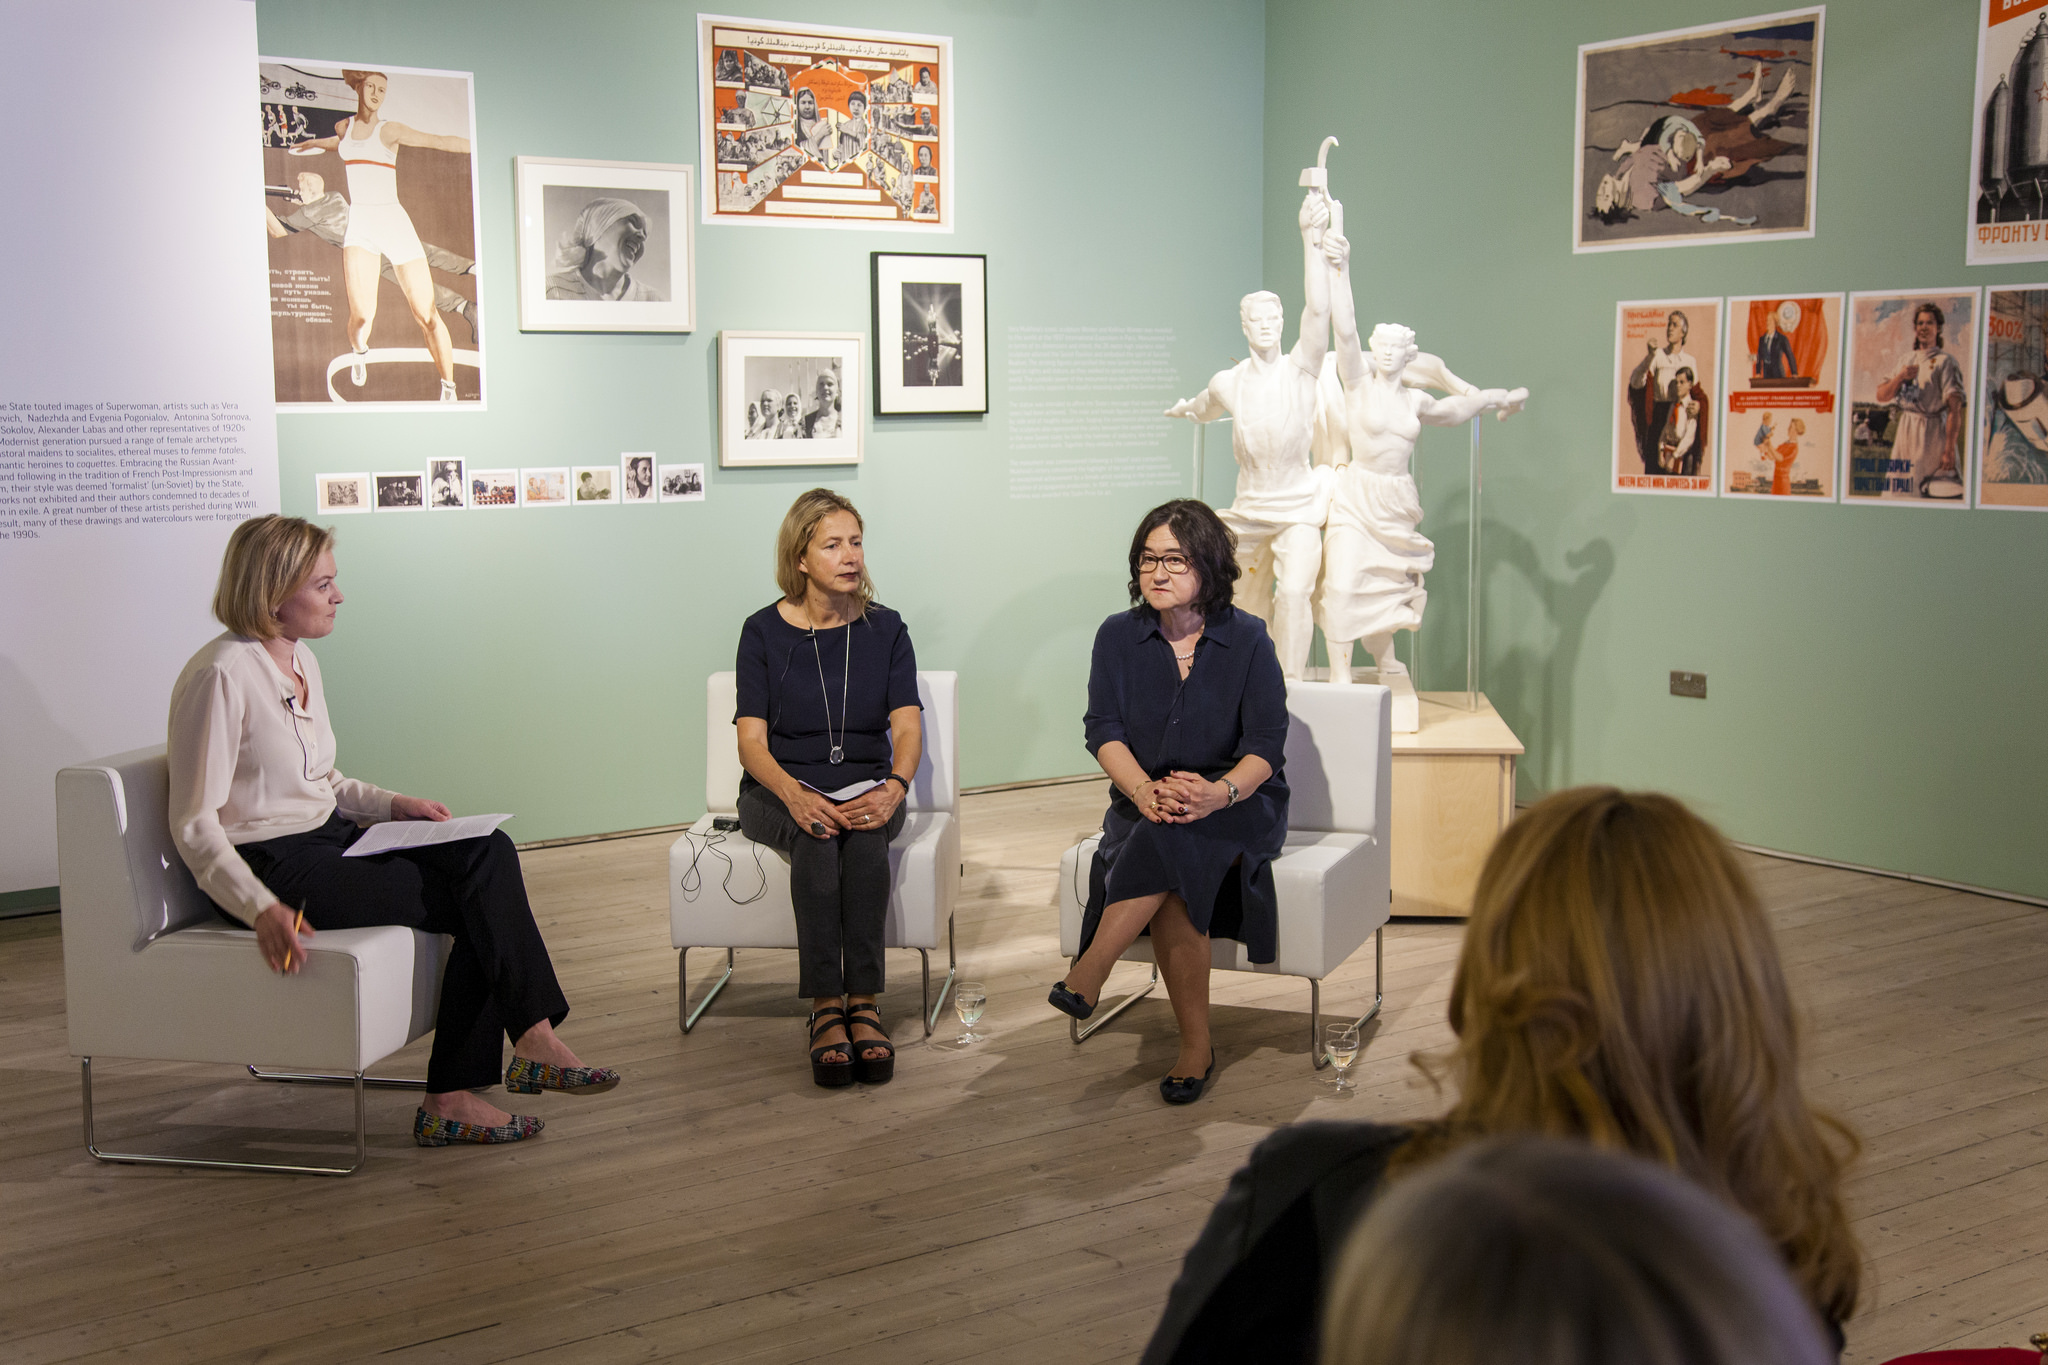 Roundtable Discussion with Iwona Blazwick and Zalfira Trigulova